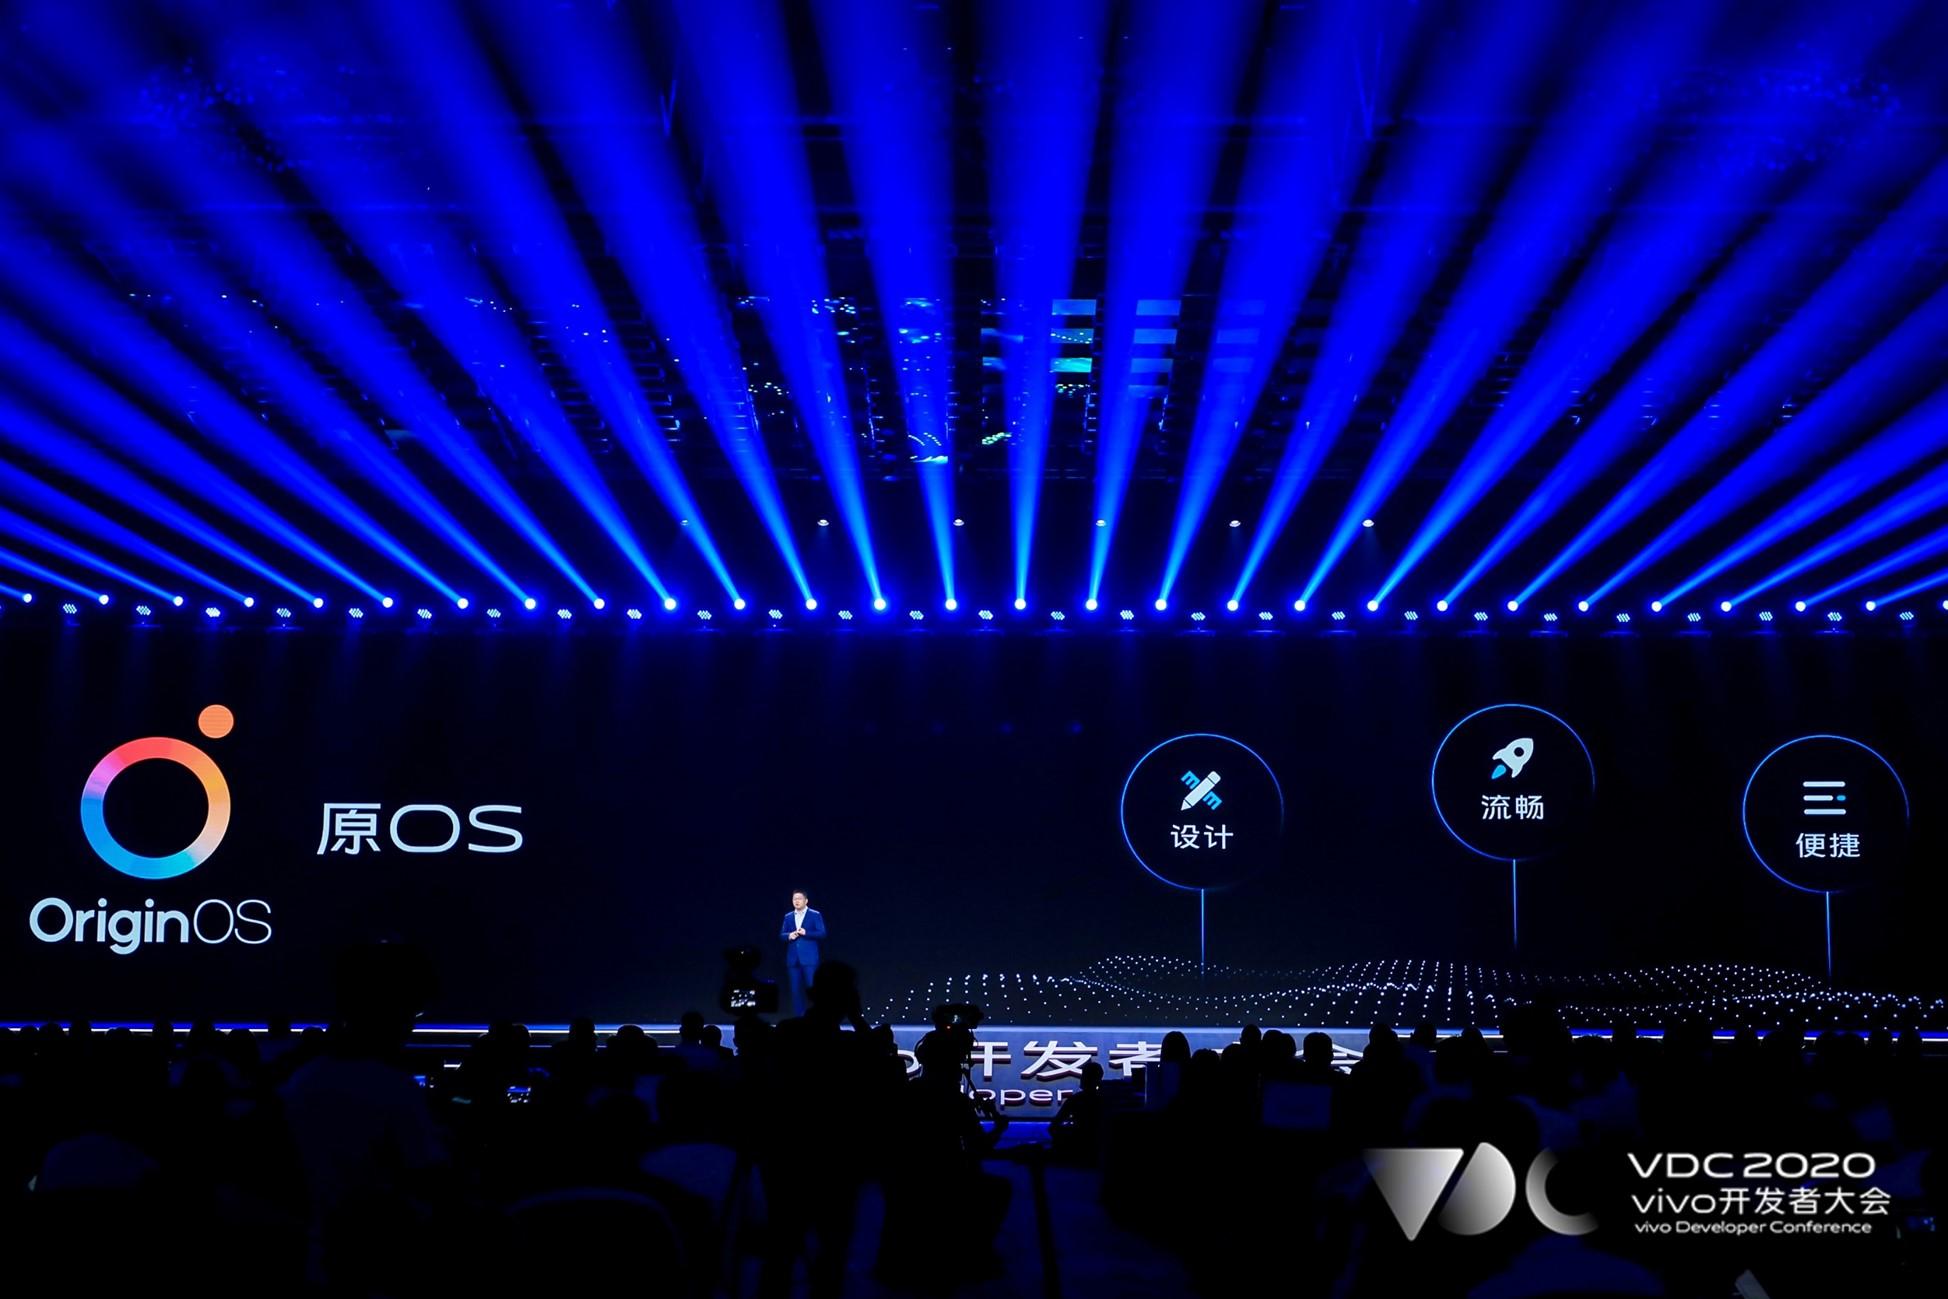 全新手机操作系统OriginOS正式亮相vivo开发者大会